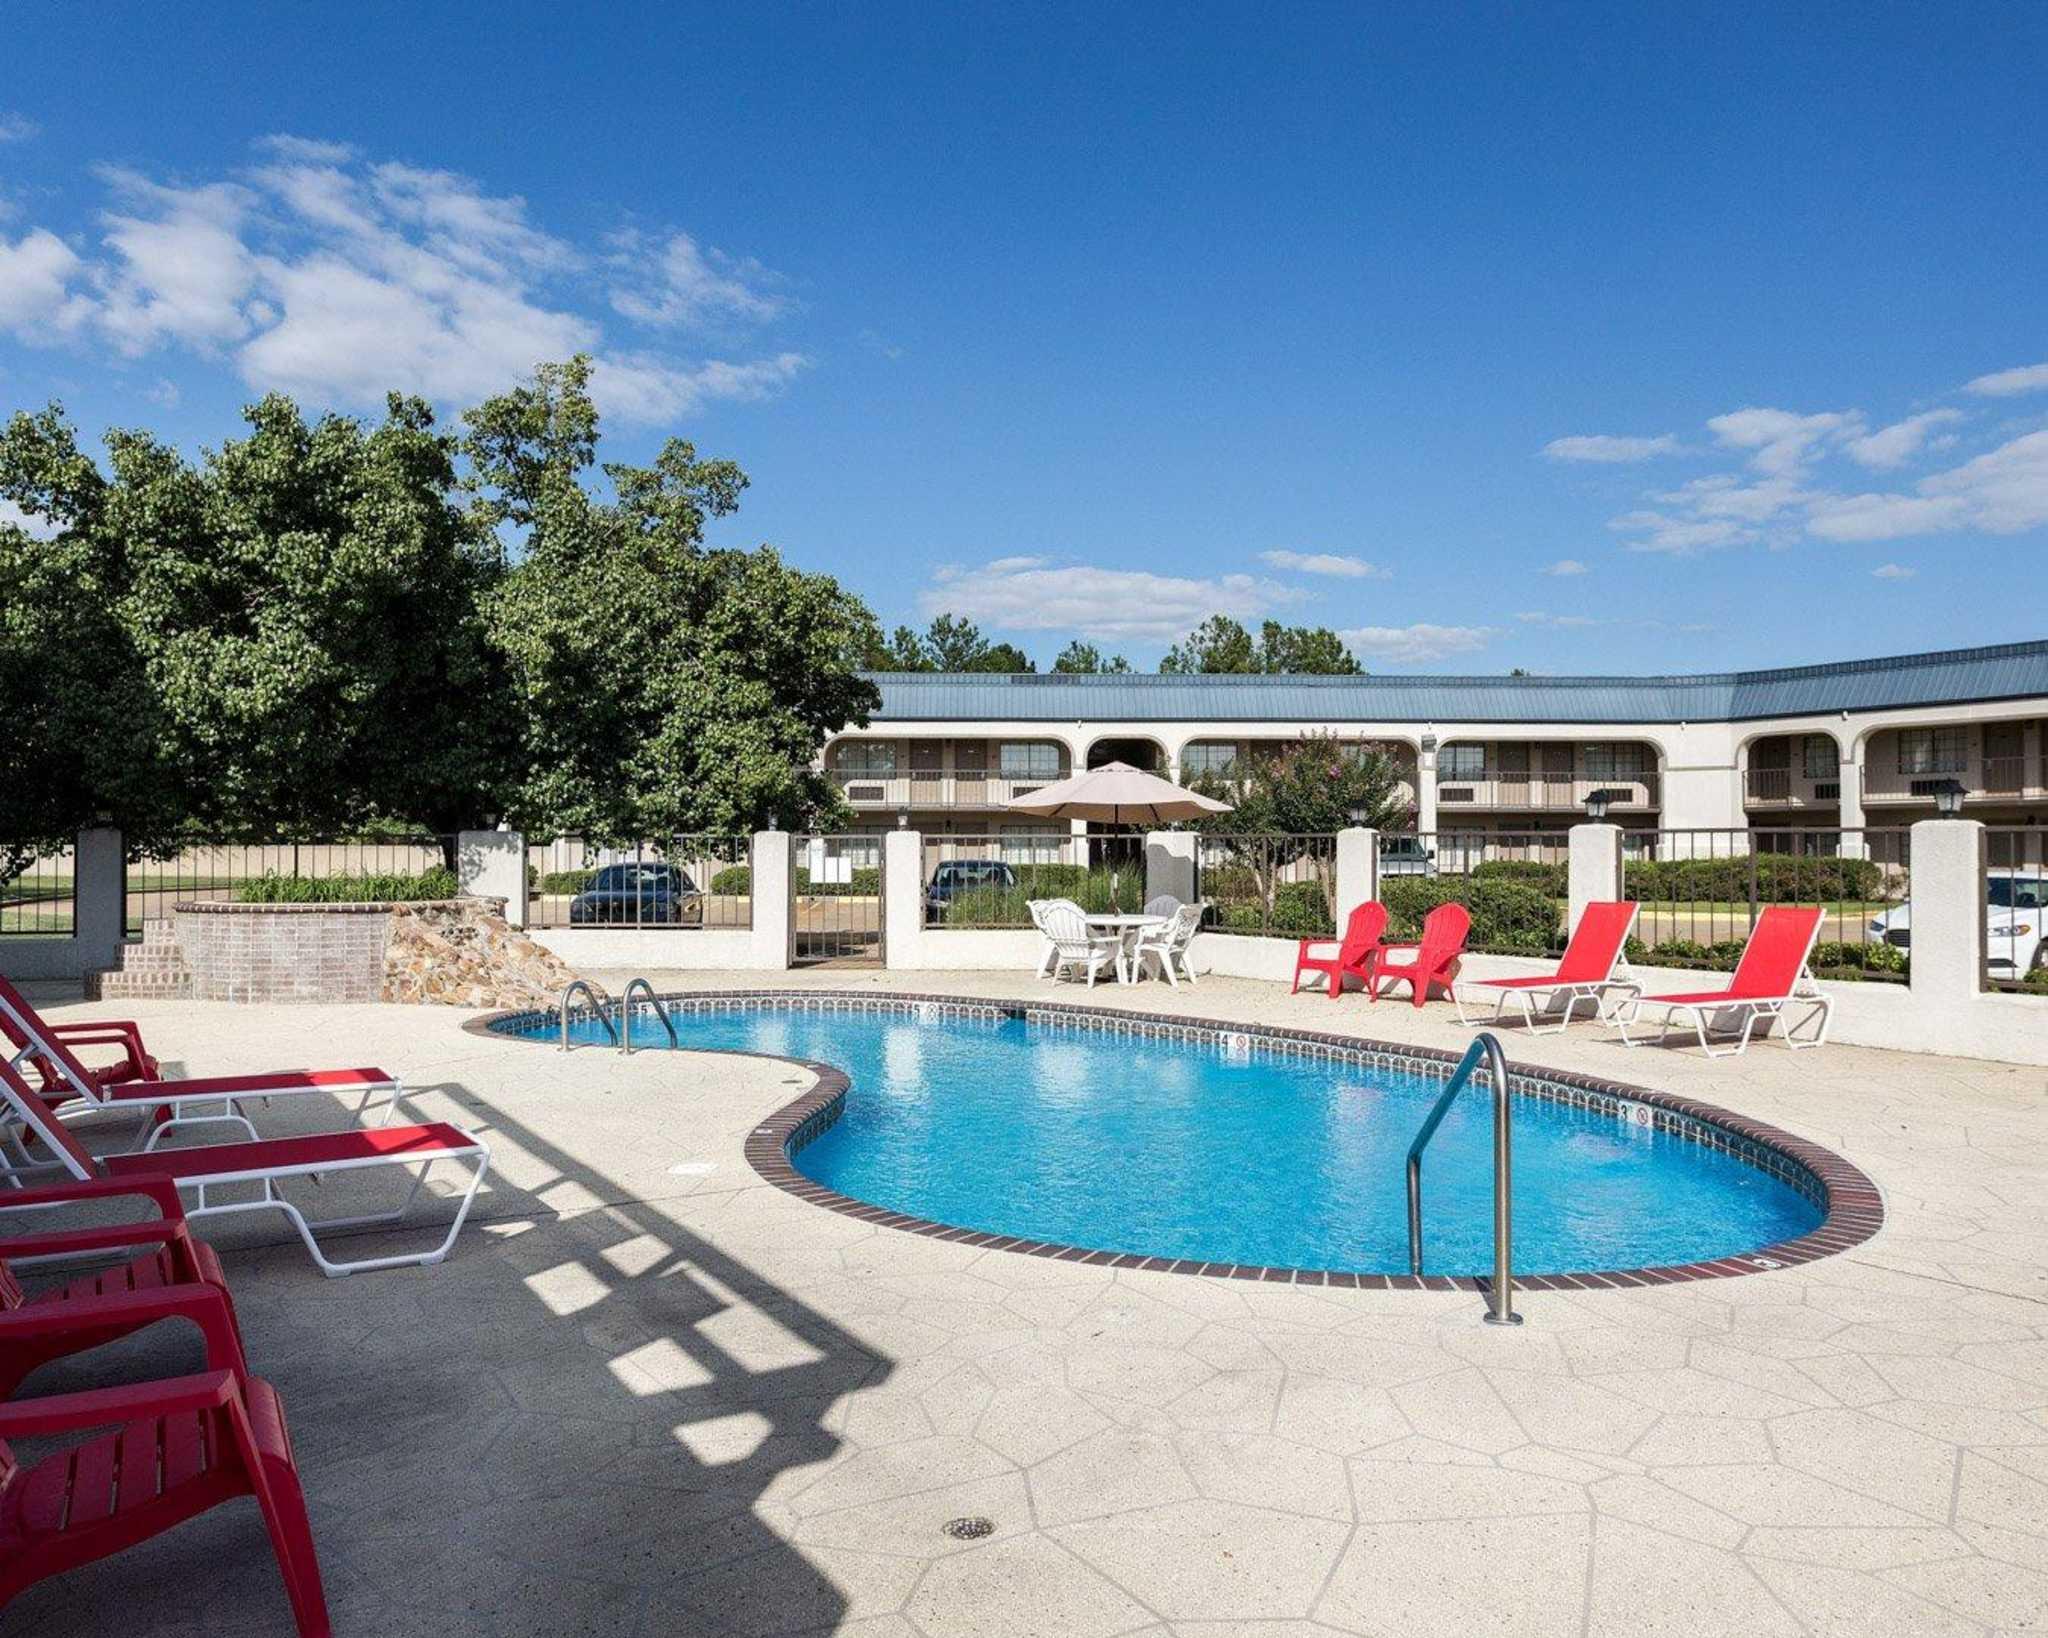 Hotels Near Grenada Ms